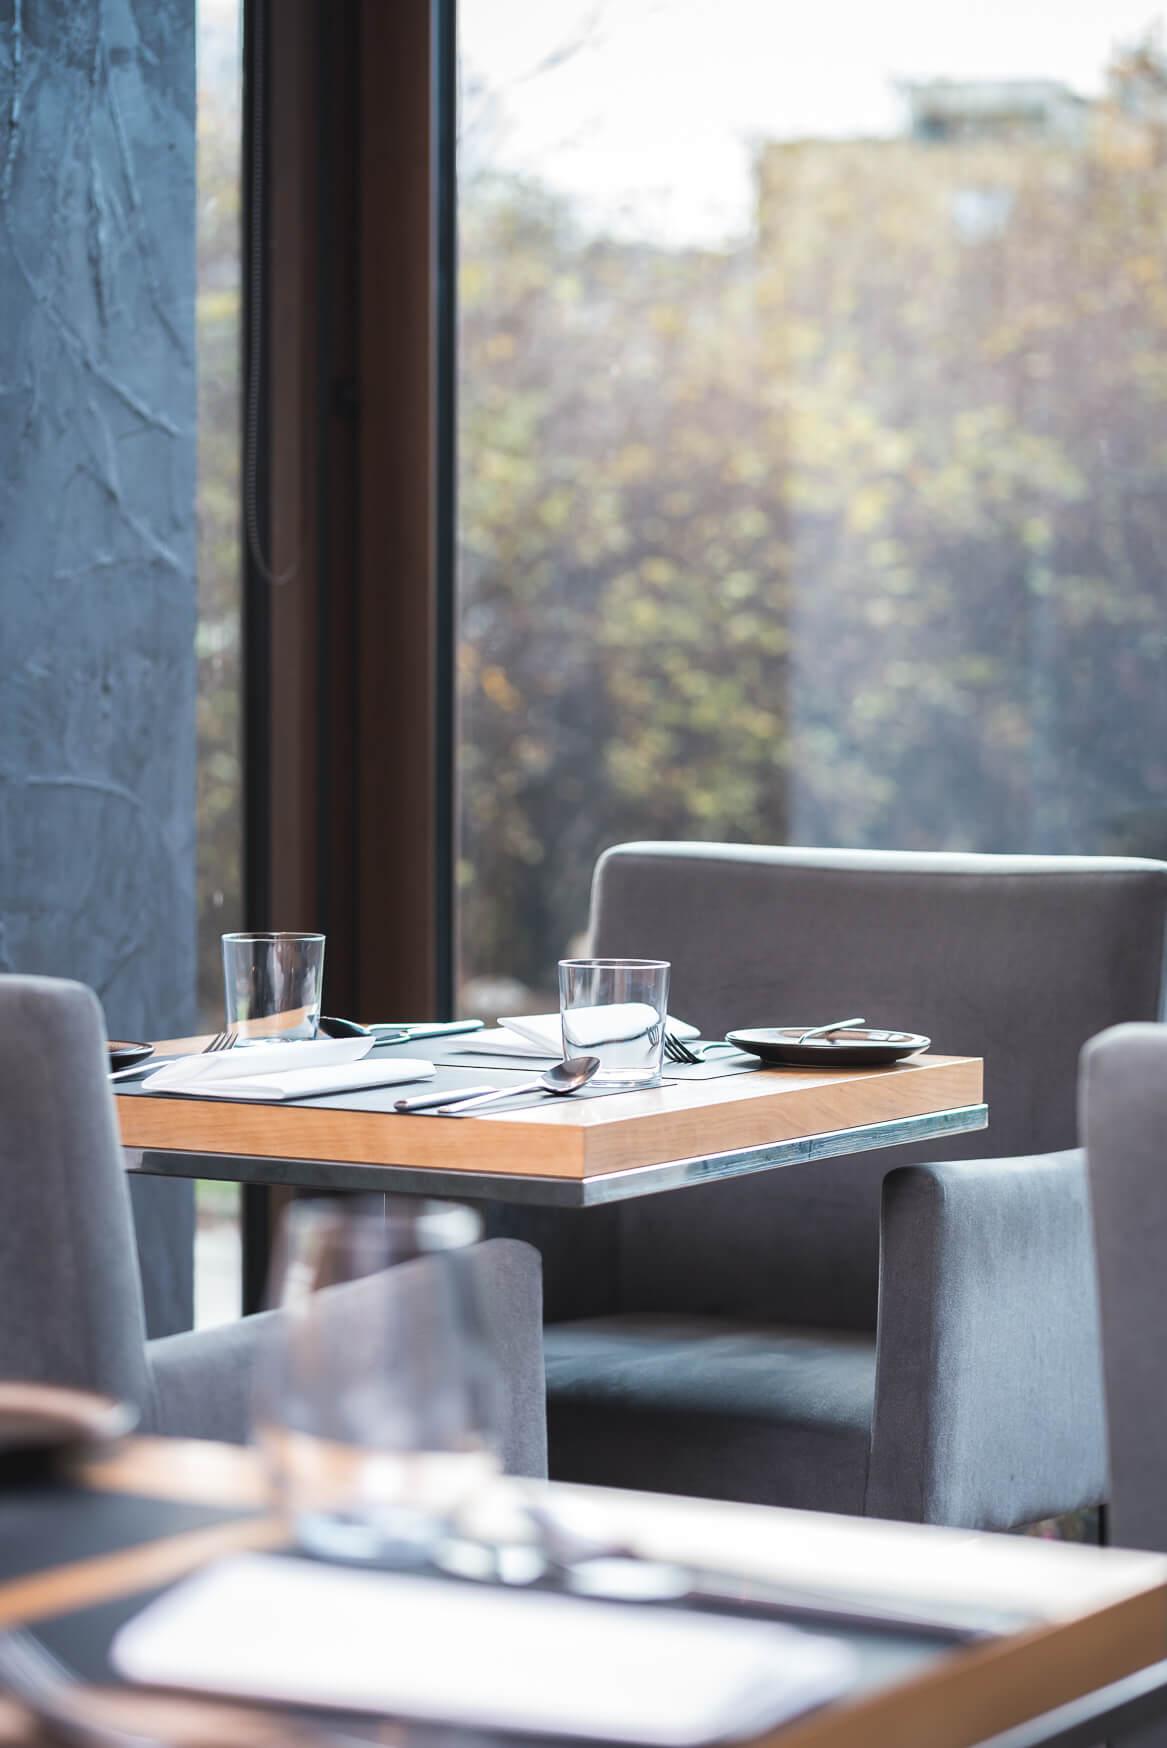 LUK 3242 - Restauracja Sztuczka. Nowy szef kuchni, nowe pomysły